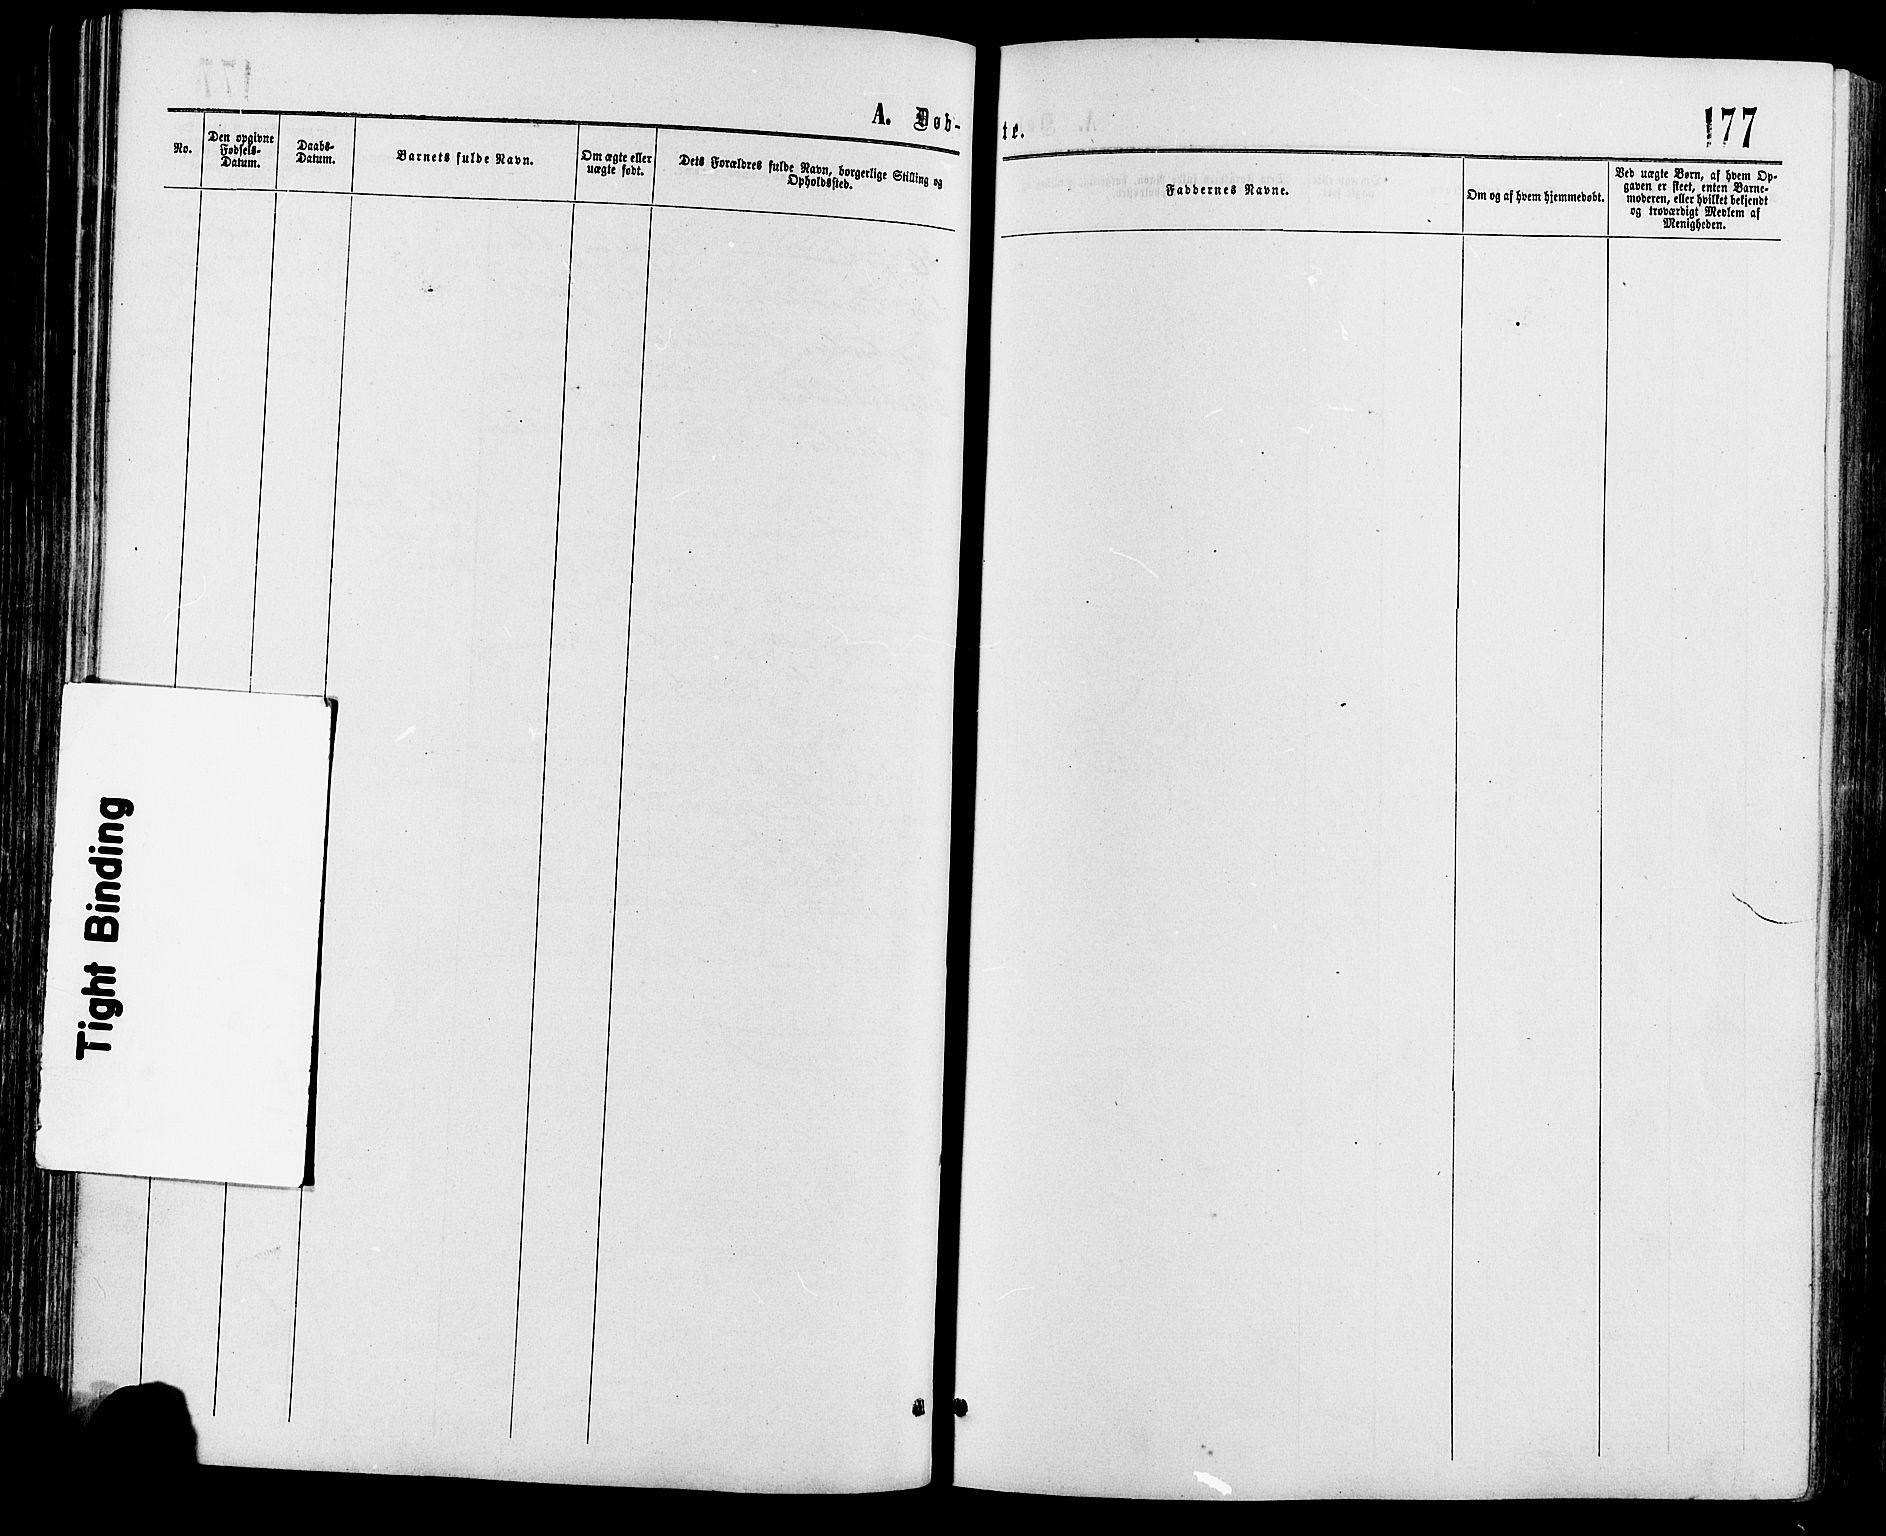 SAH, Sør-Fron prestekontor, H/Ha/Haa/L0002: Ministerialbok nr. 2, 1864-1880, s. 177